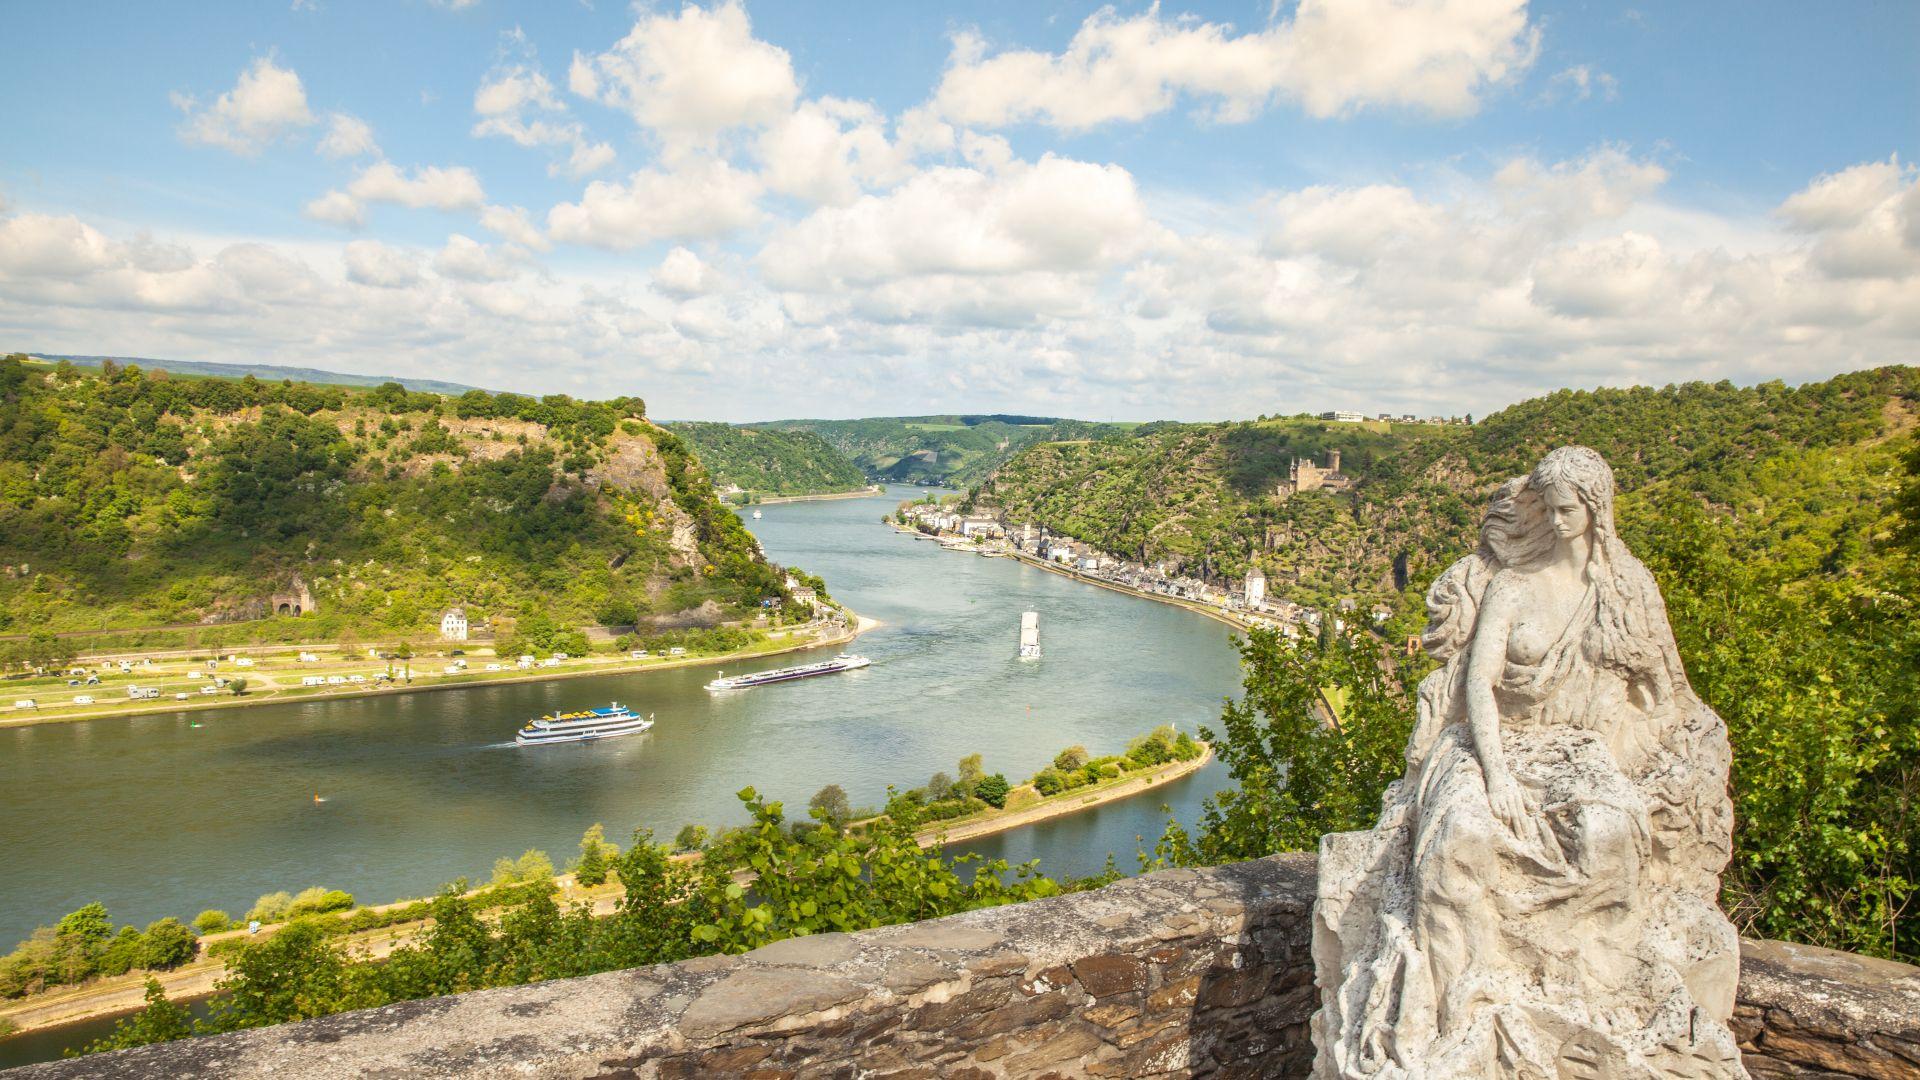 Sankt Goarshausen : Vue du rocher de la Loreley sur le paysage de la vallée du Rhin, figure de la Loreley